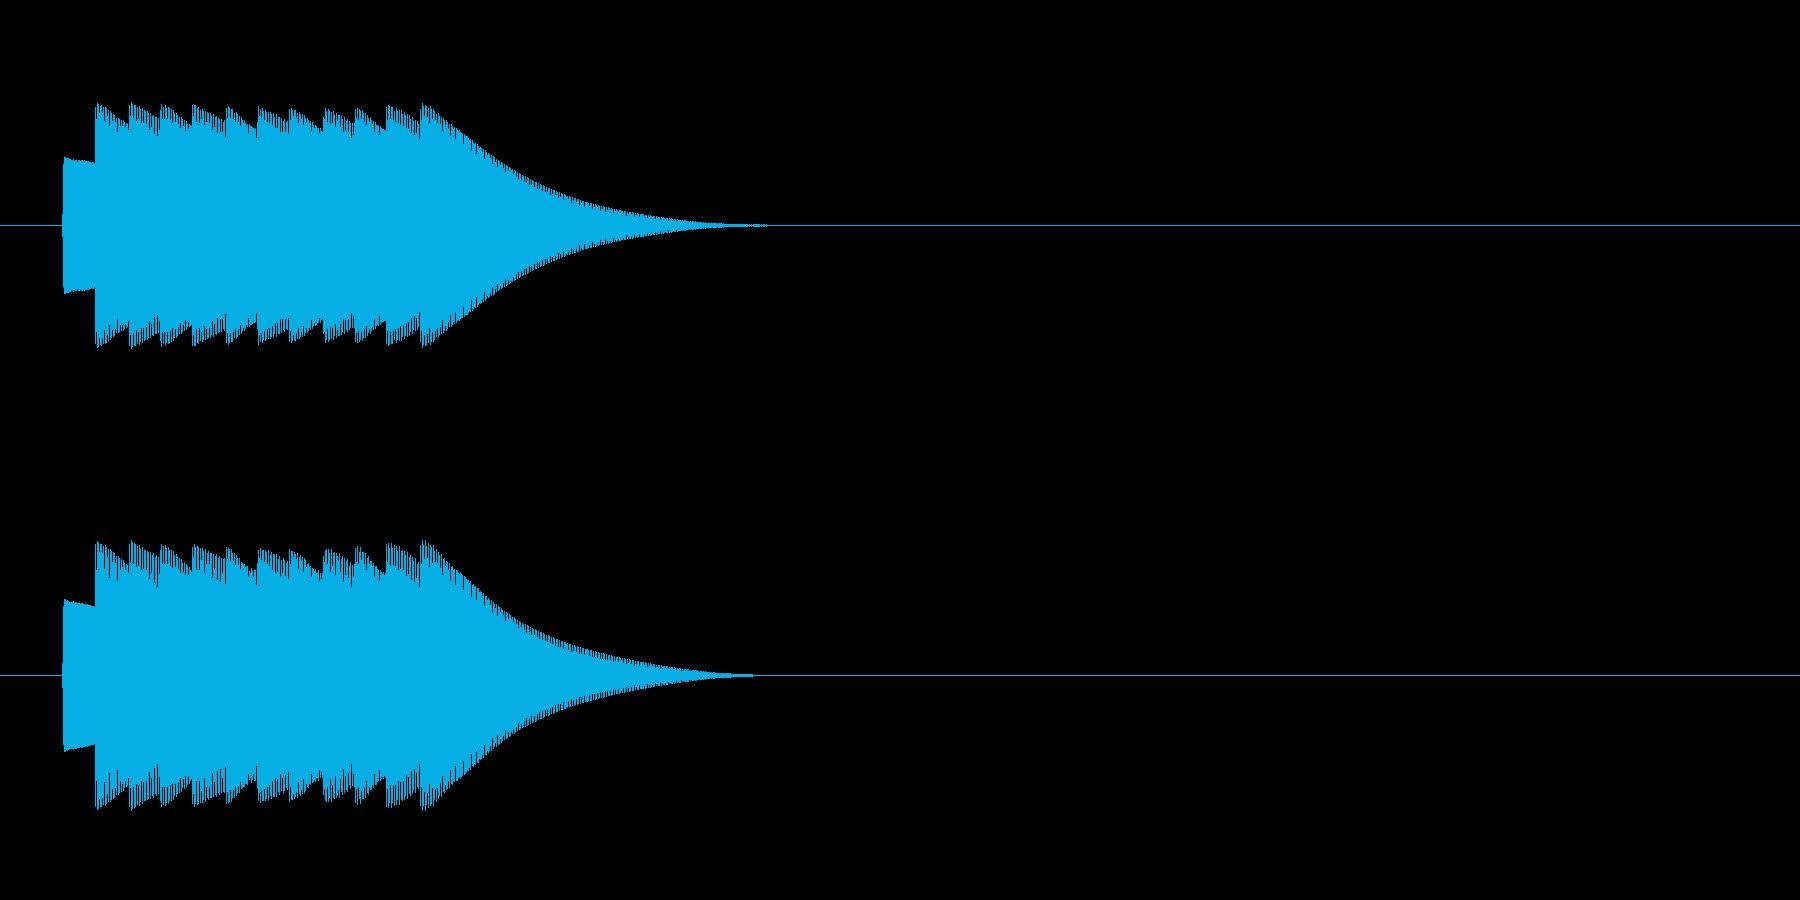 クイズの効果音 正解 ピンポン複数回の再生済みの波形